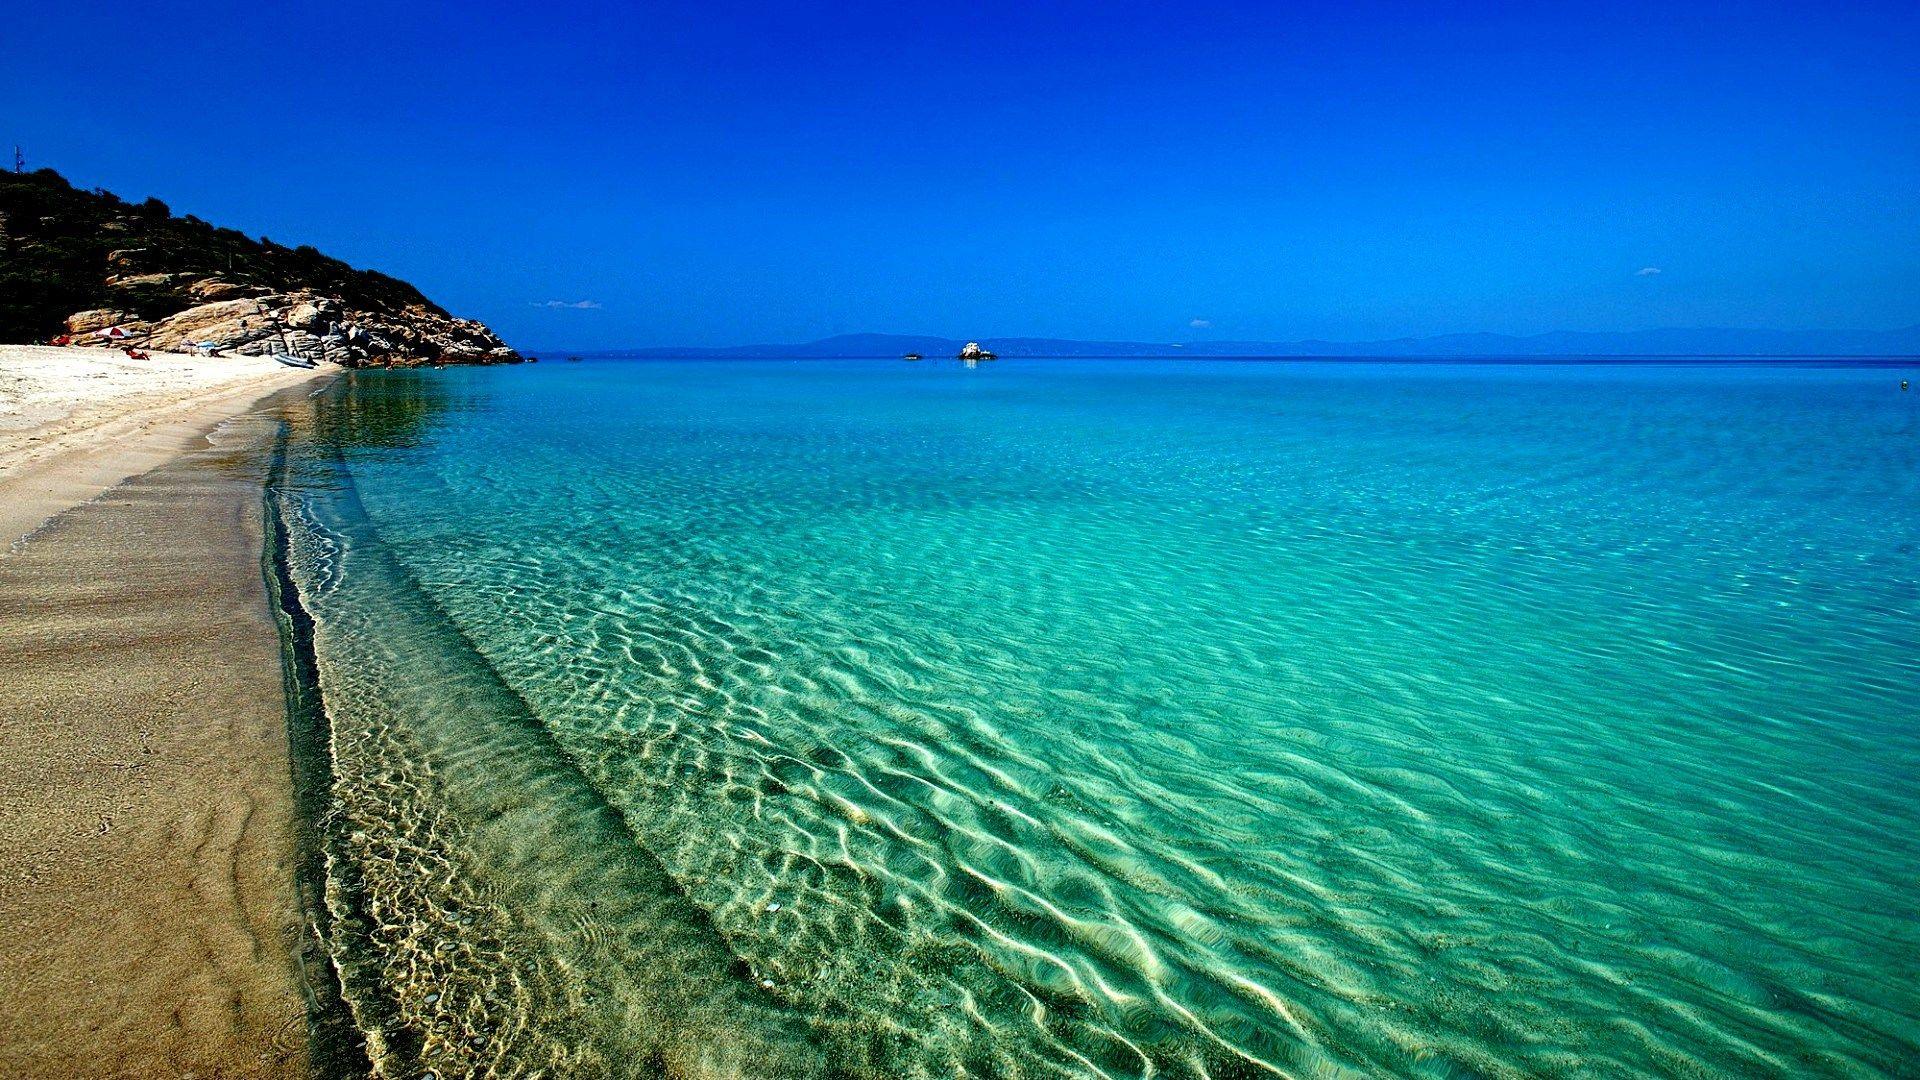 1920x1080 High Quality beach scream Clearwater beach florida 1920x1080